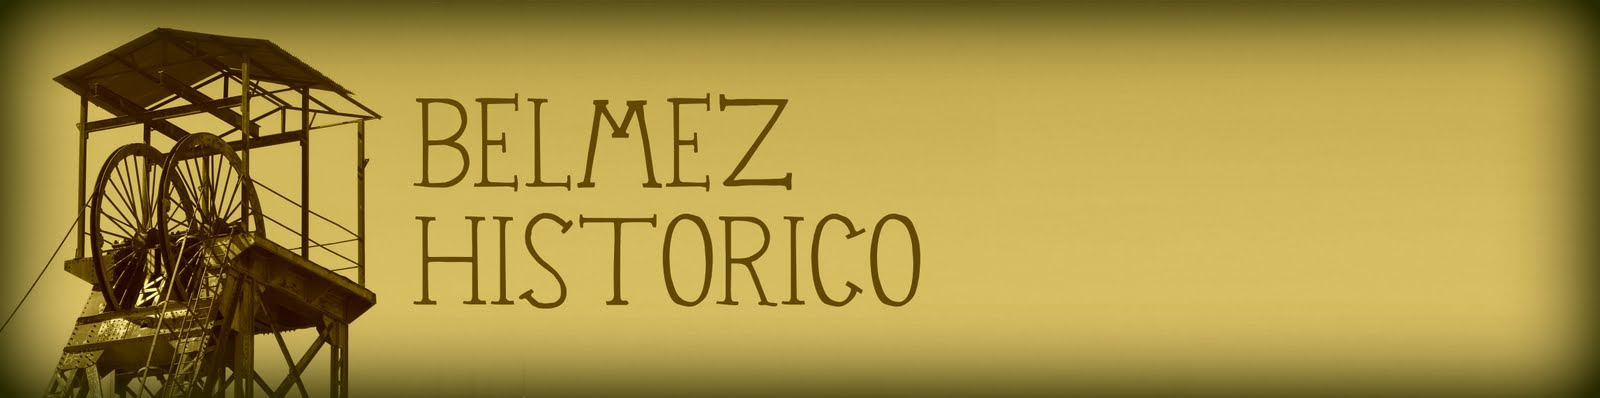 BELMEZ HISTORICO